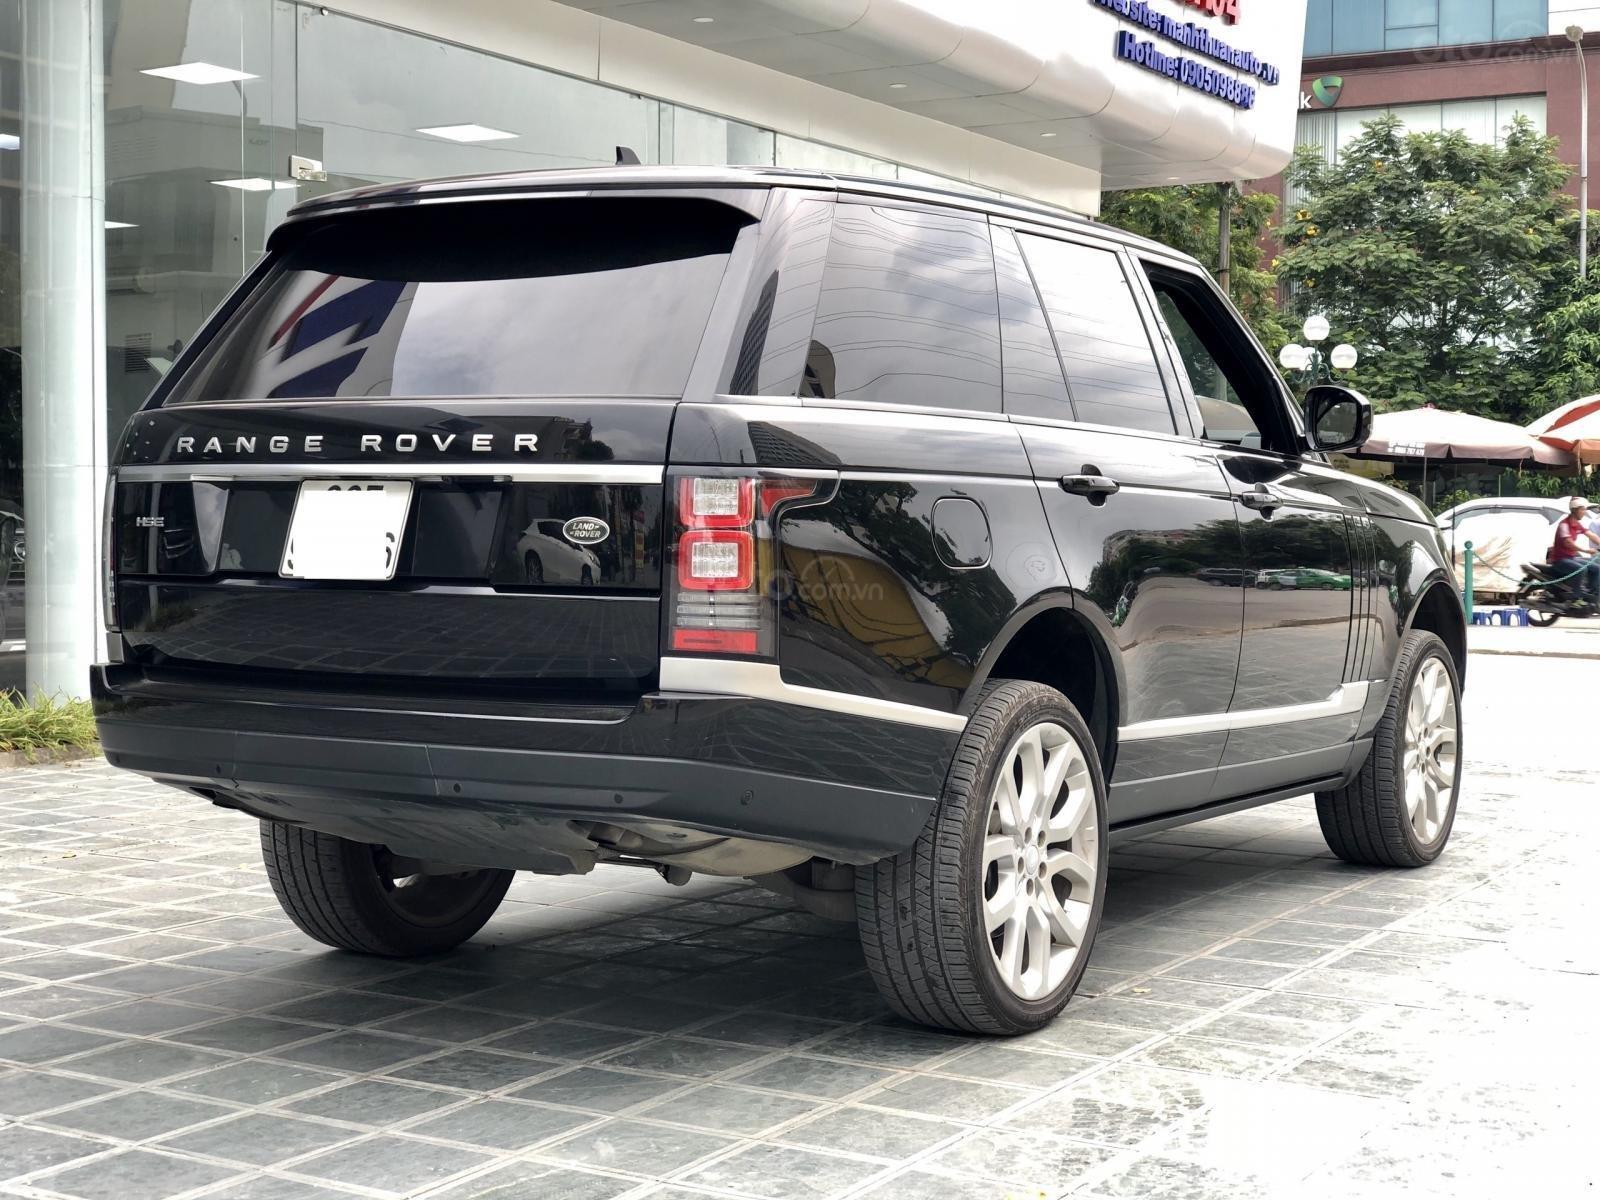 Bán LandRover Range Rover HSE sản xuất 2015, tên công ty xuất hóa đơn, LH Mr Huân 0981010161 (14)